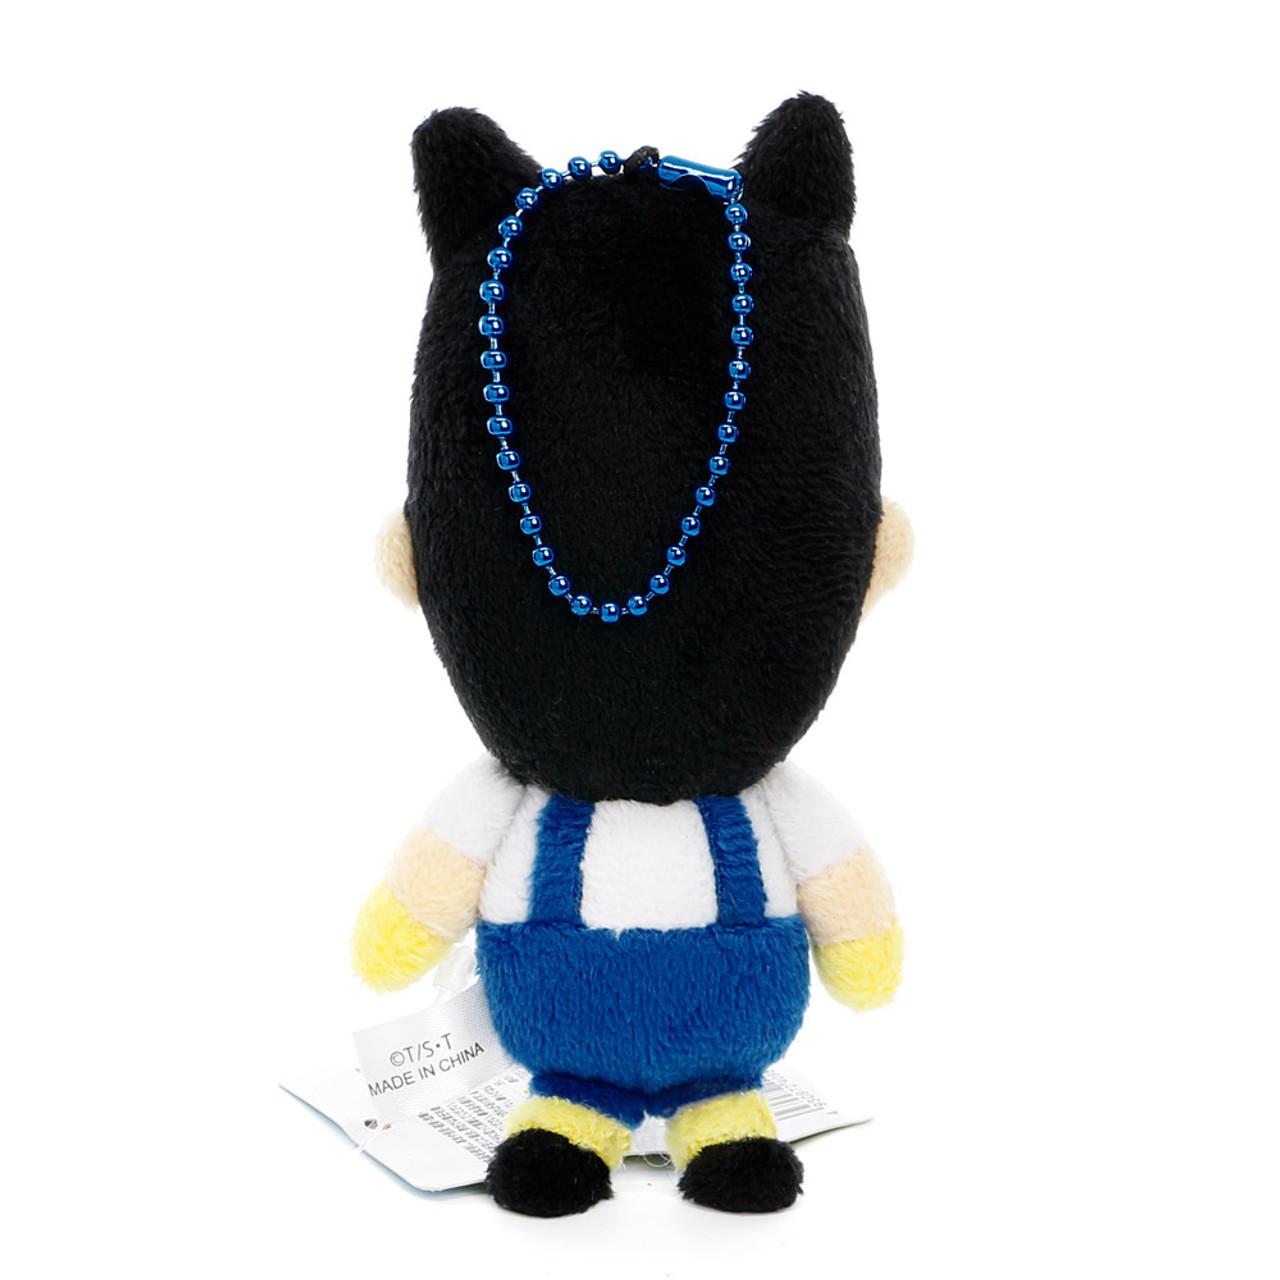 Obotchaman Mascot Plush Keychain ( Back View )